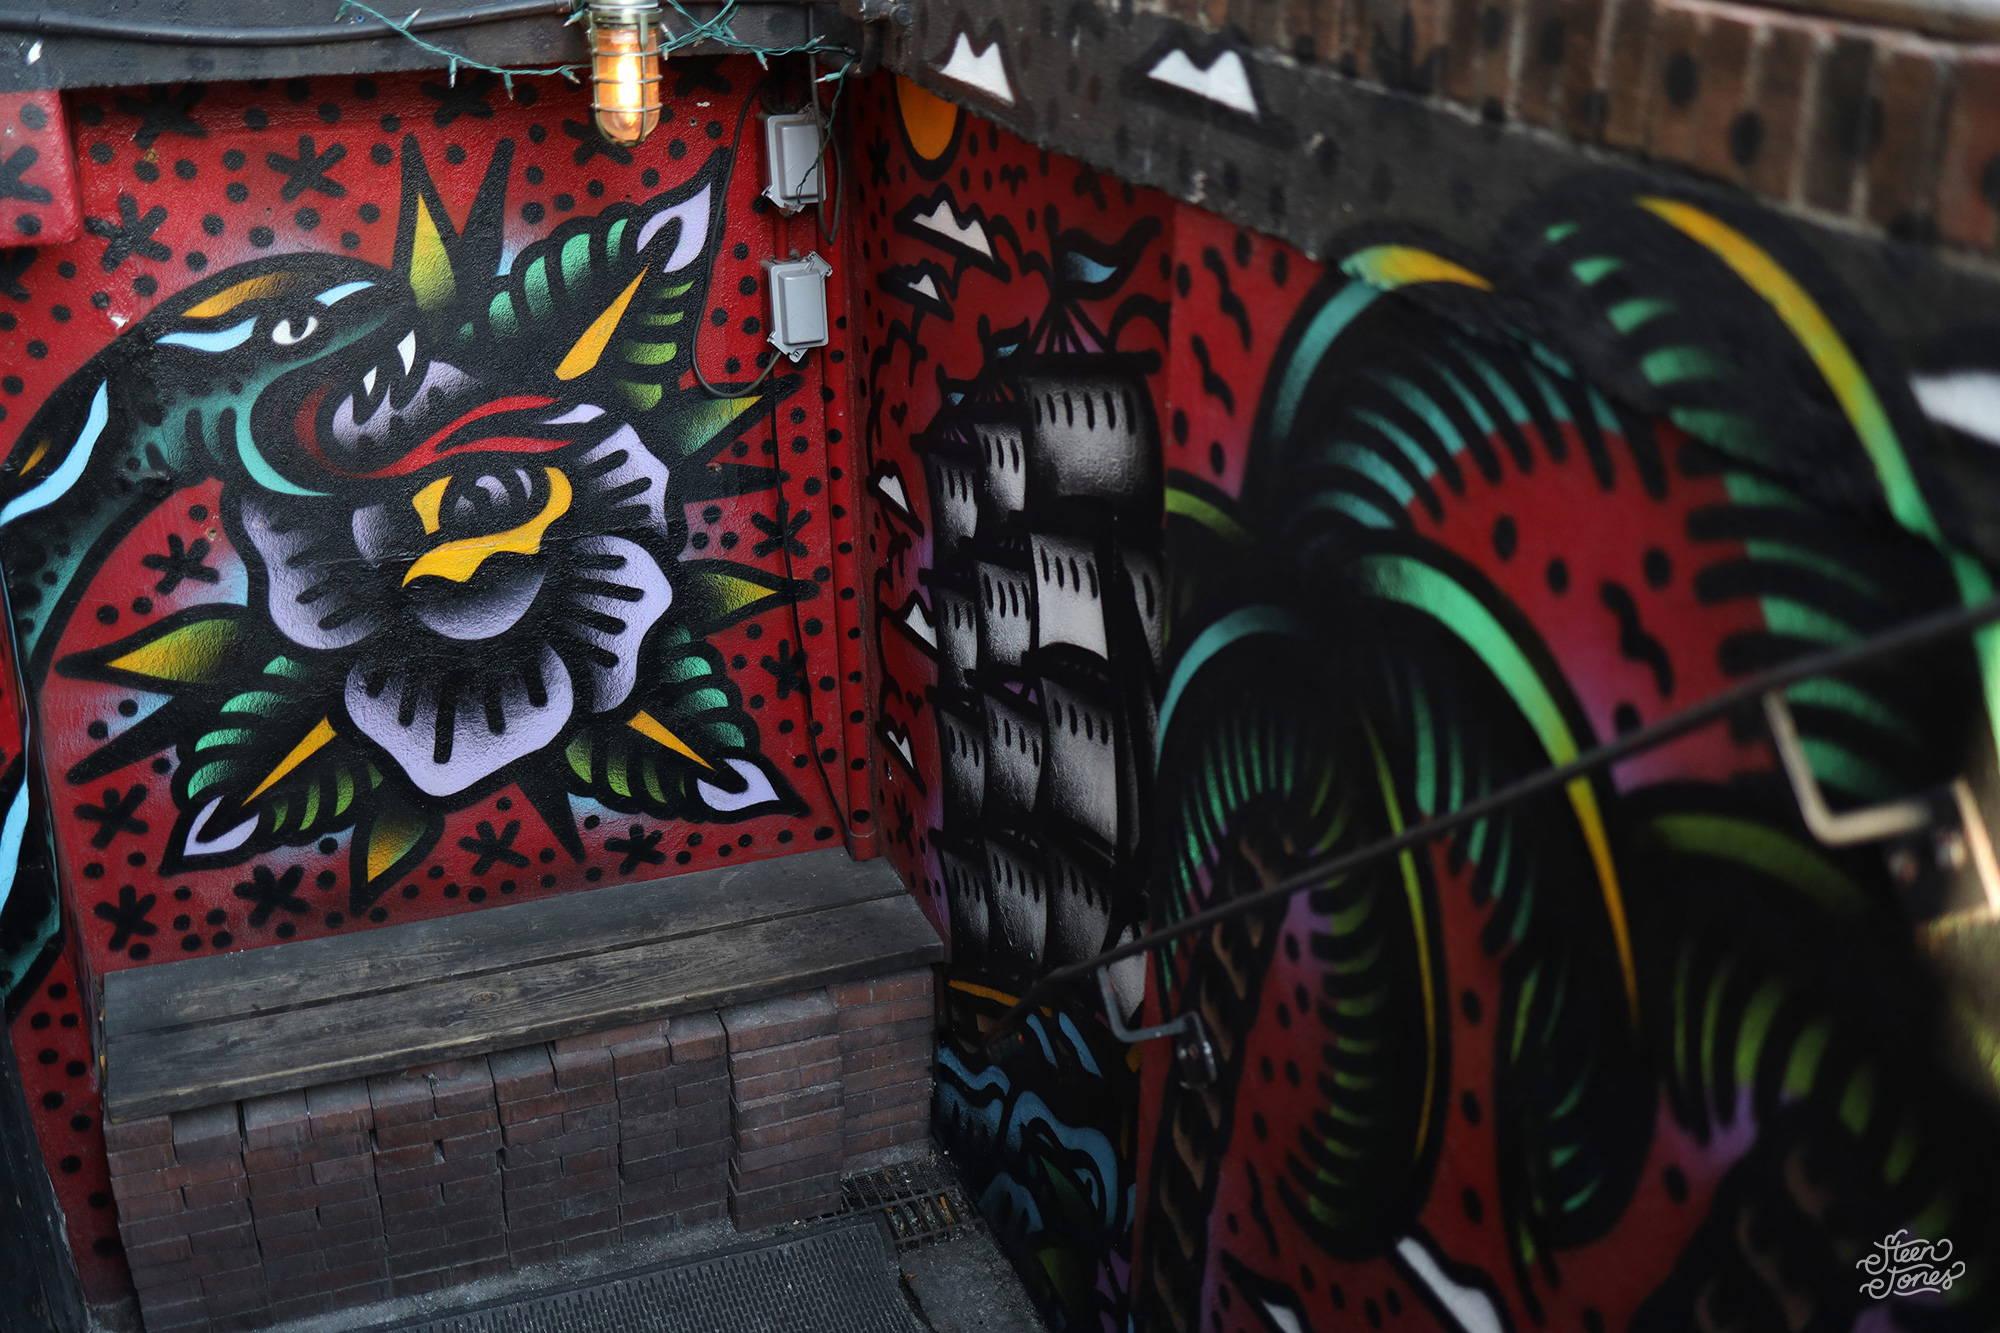 Steen Jones tattoo street artist PourHouse Wilmington USA mural